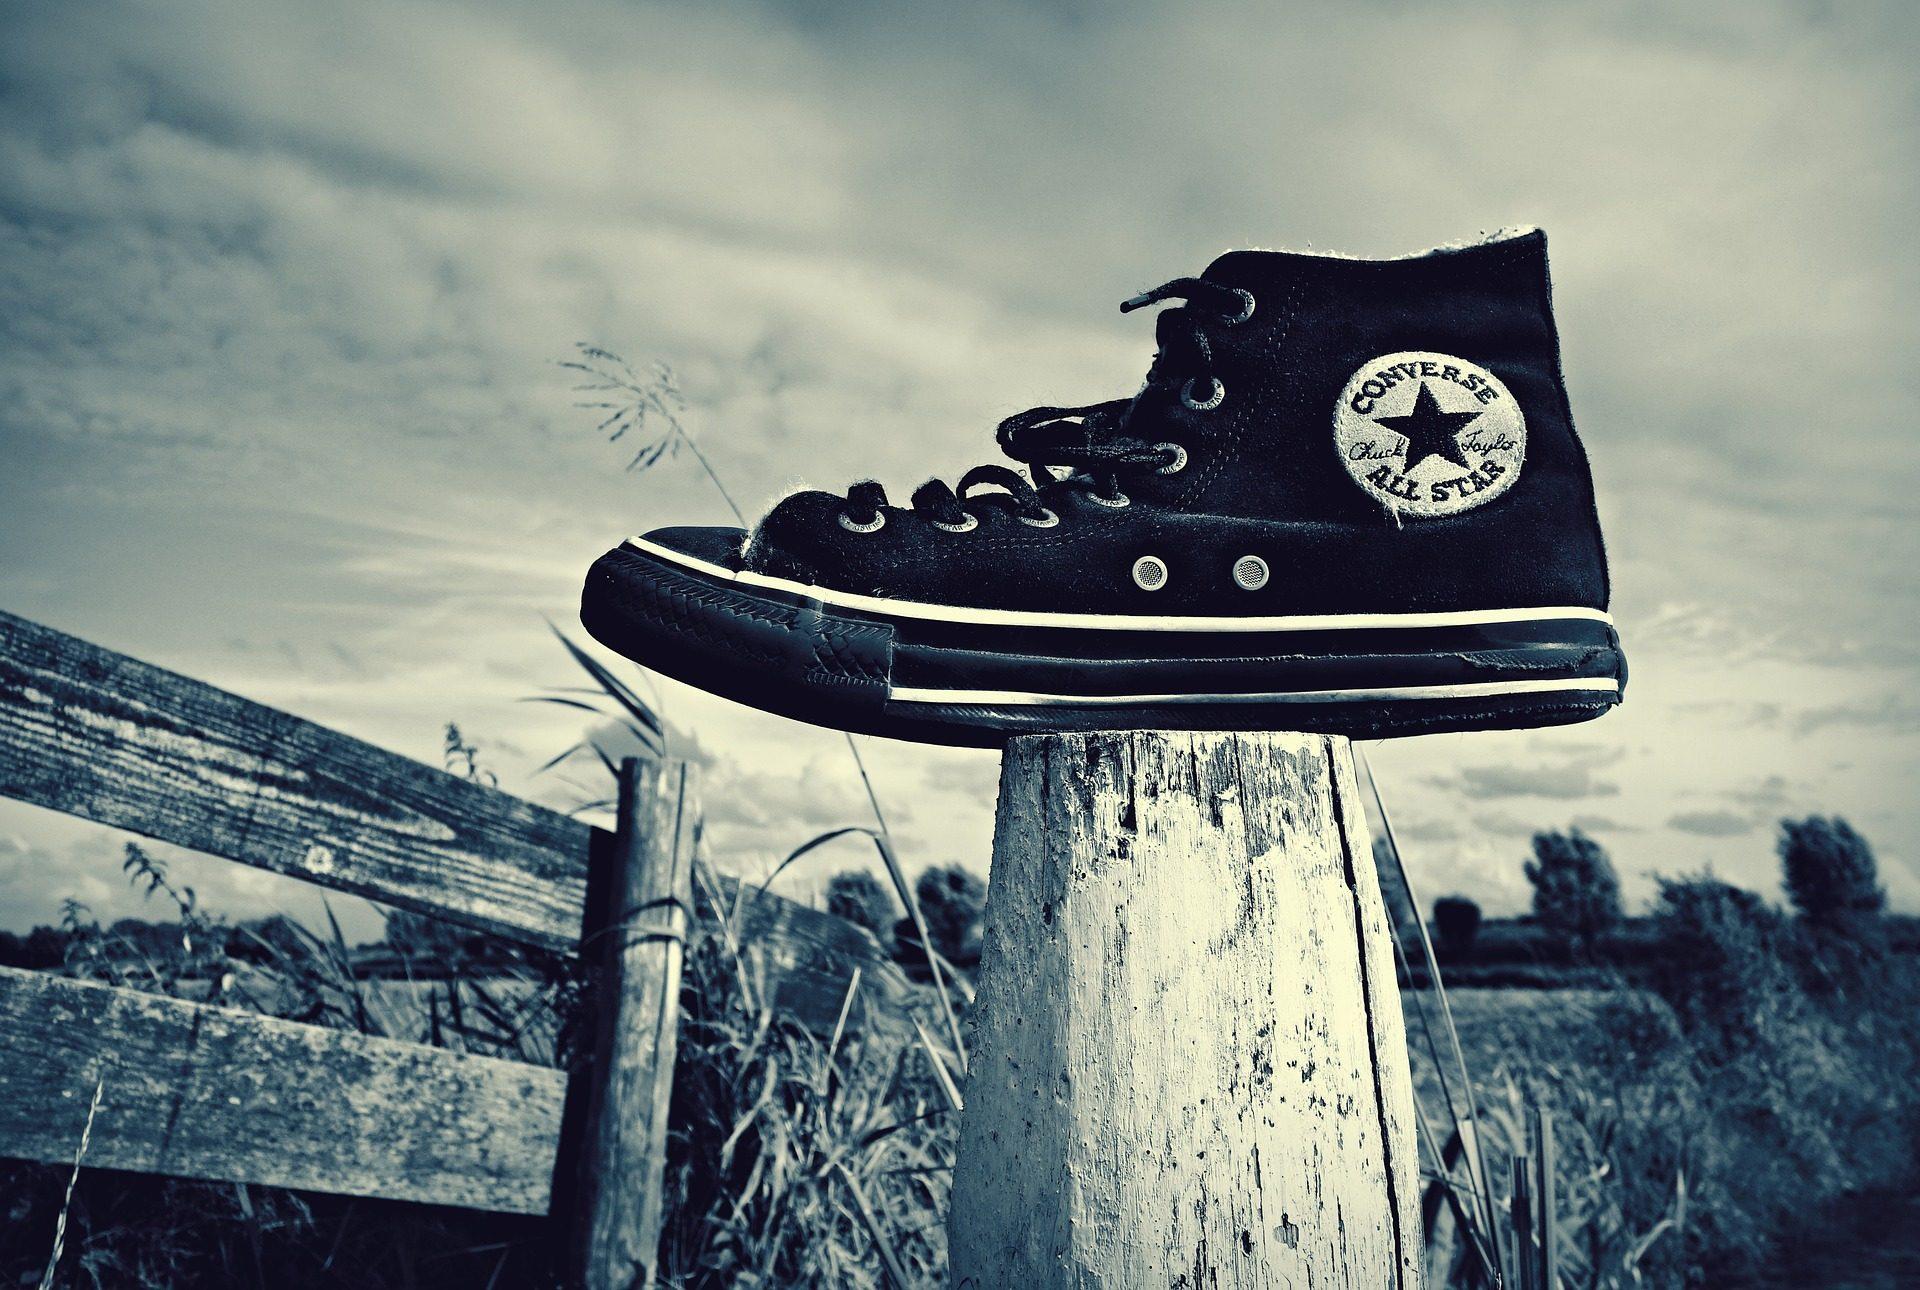 chaussure, Publier, Soledad, converse, en noir et blanc - Fonds d'écran HD - Professor-falken.com